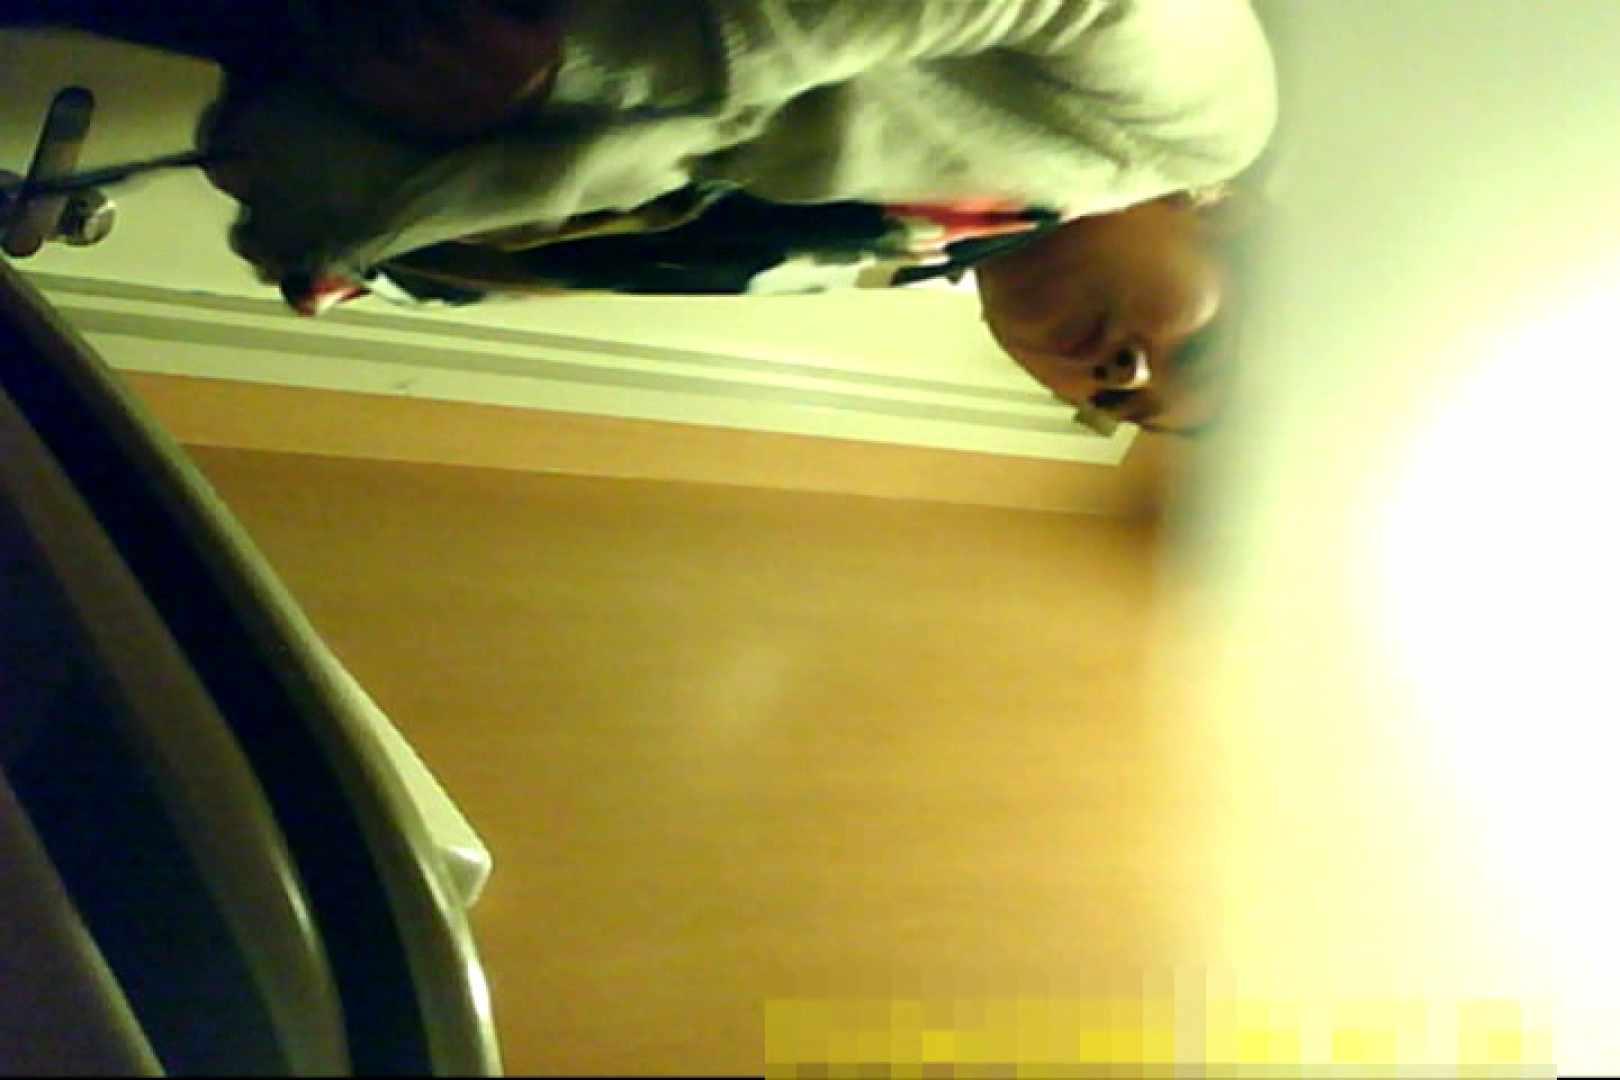 魅惑の化粧室~禁断のプライベート空間~31 盗撮 セックス画像 64pic 50